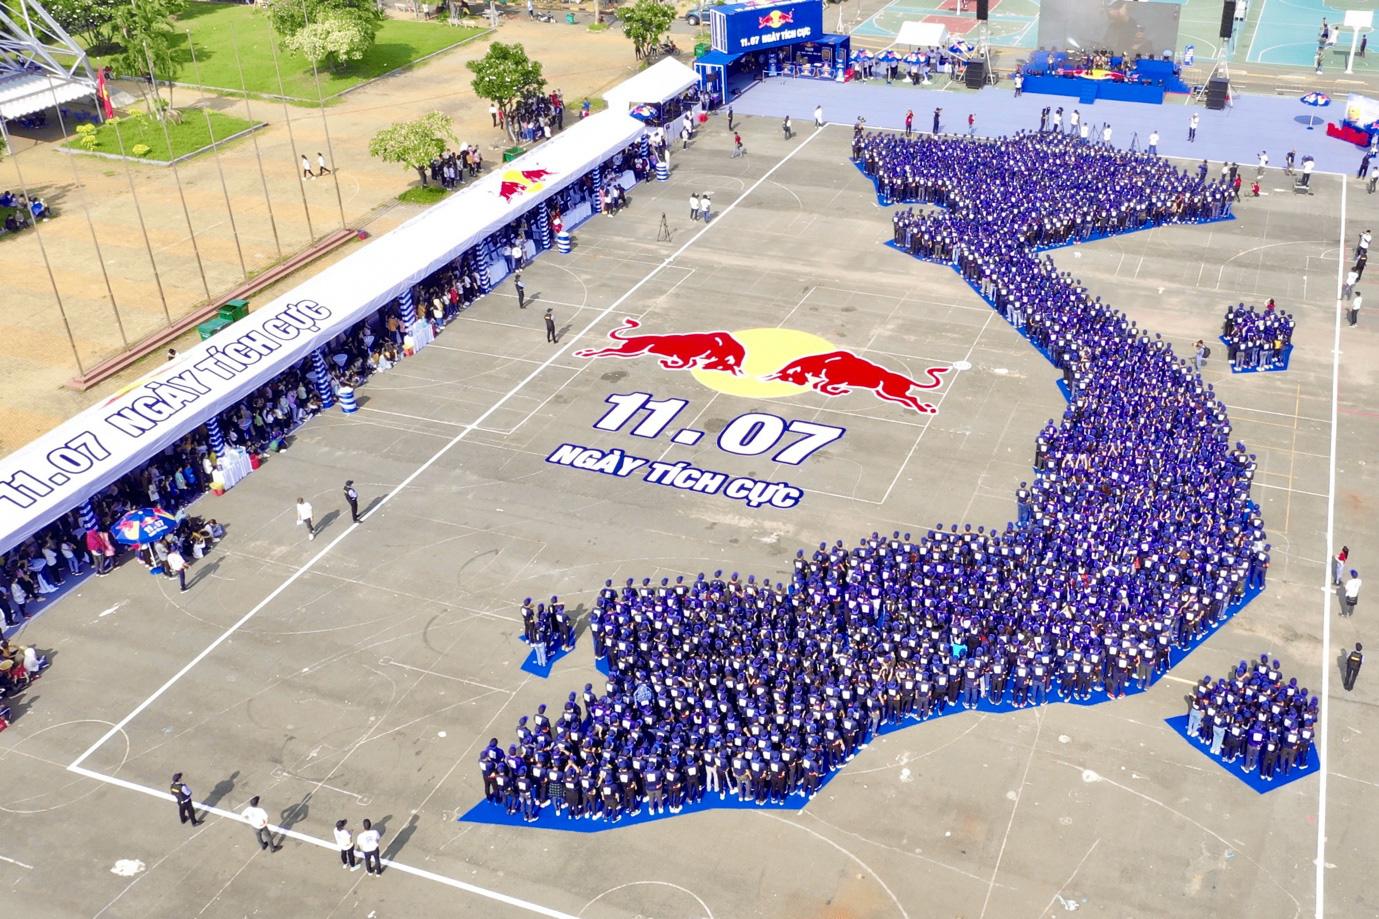 Red Bull tạo dấu ấn với Ngày Tích Cực, xác lập kỷ lục châu Á để lan tỏa năng lượng tích cực khắp Việt Nam - Ảnh 1.